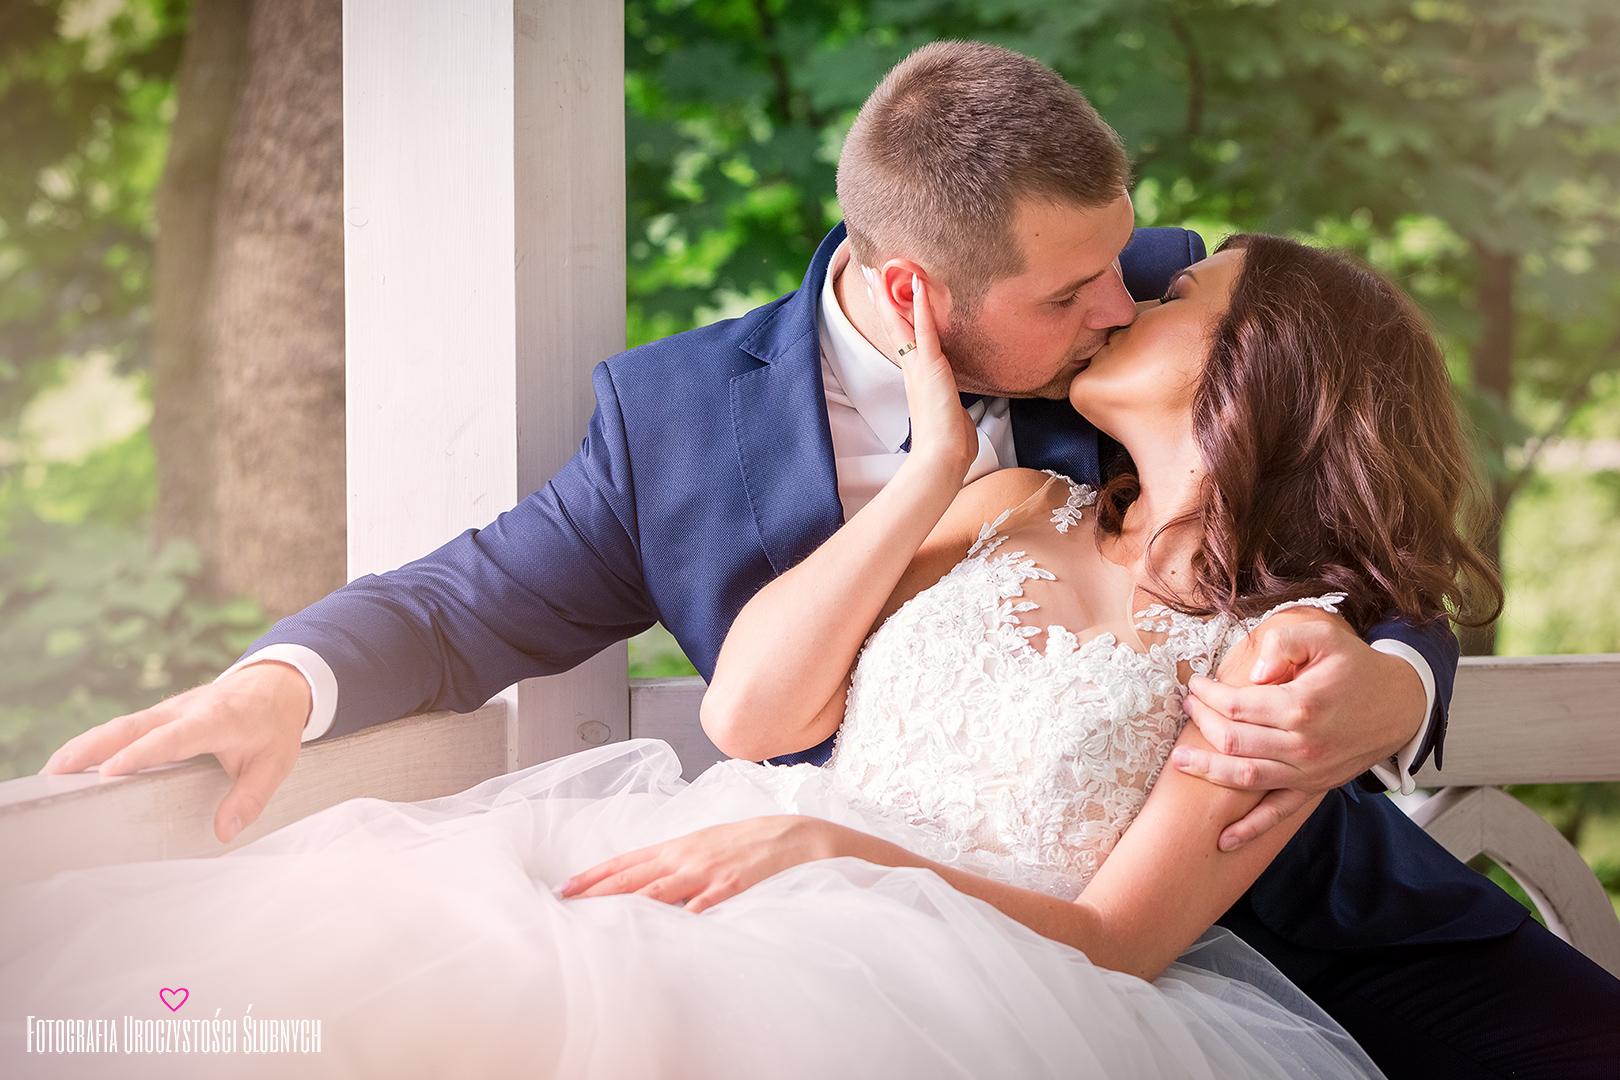 Profesjonalny fotograf ślub Jelenia Góra - Klaudia Cieplińska - reportaż ślubny, zdjęcia artystyczne w plenerze, sesja ślubna i narzeczeńska.